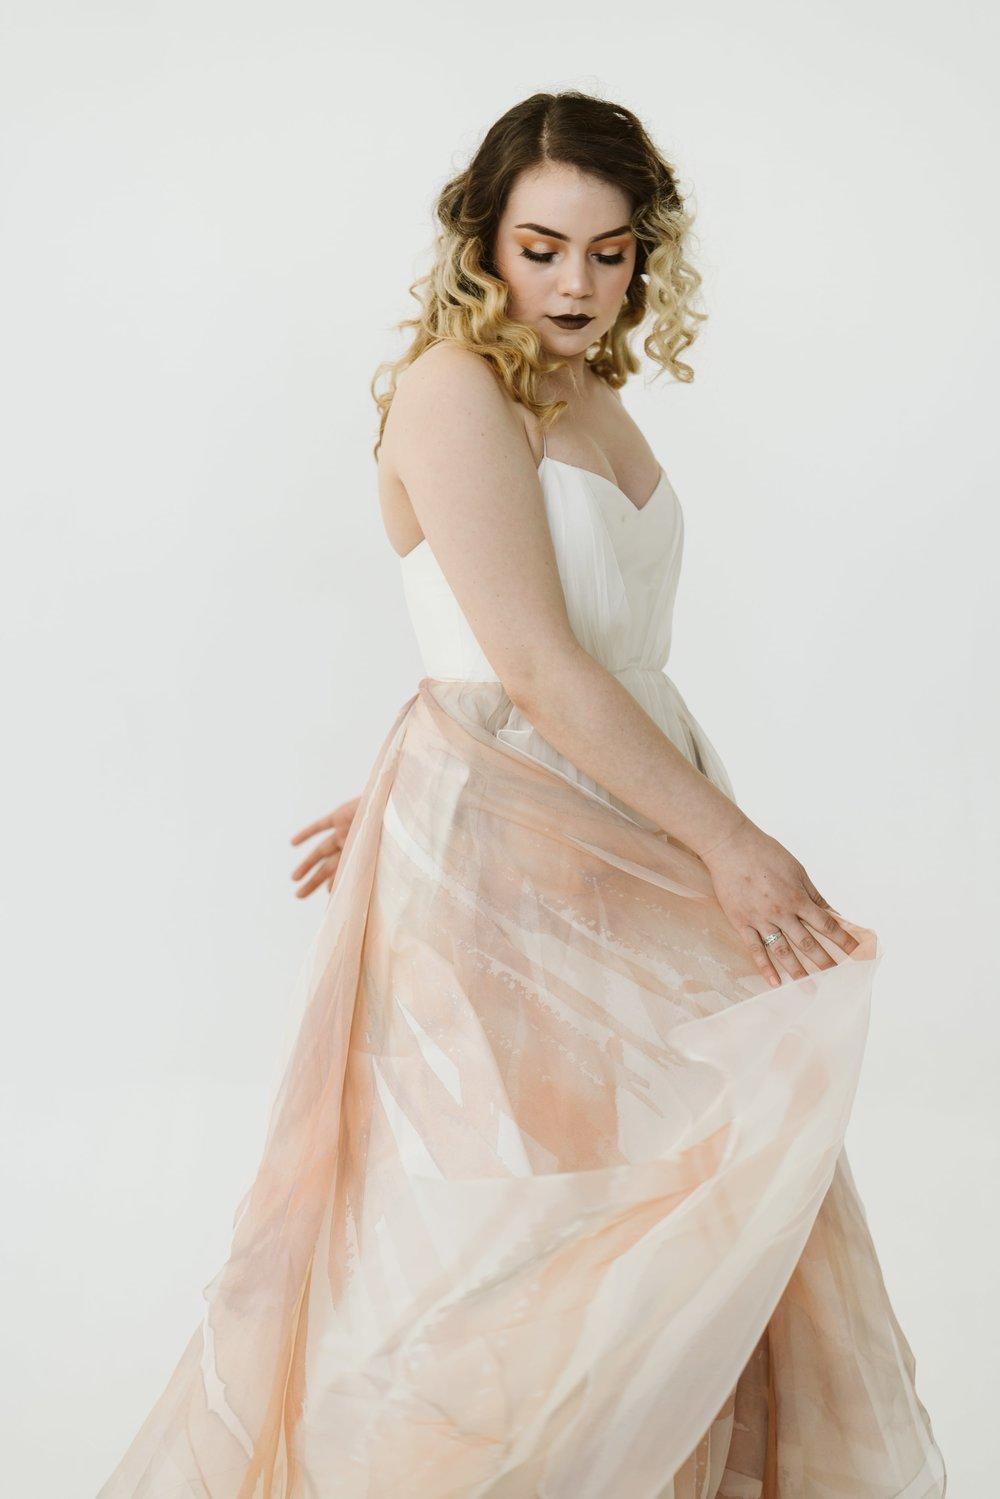 mustard-editorial-bridal-9.jpg